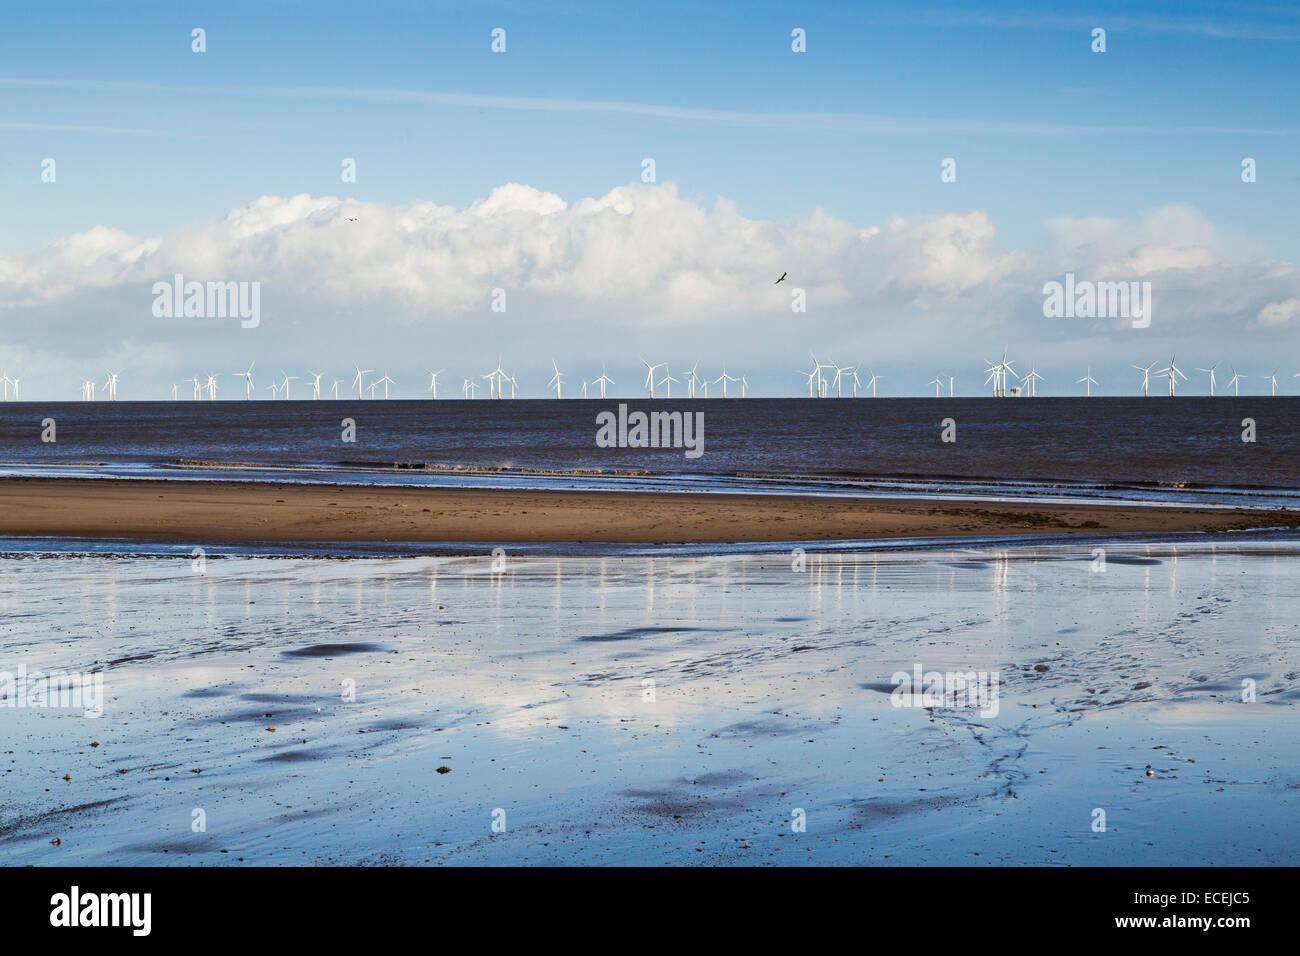 Ein Windpark am Horizont in den Badeort Skegness, UK Stockbild